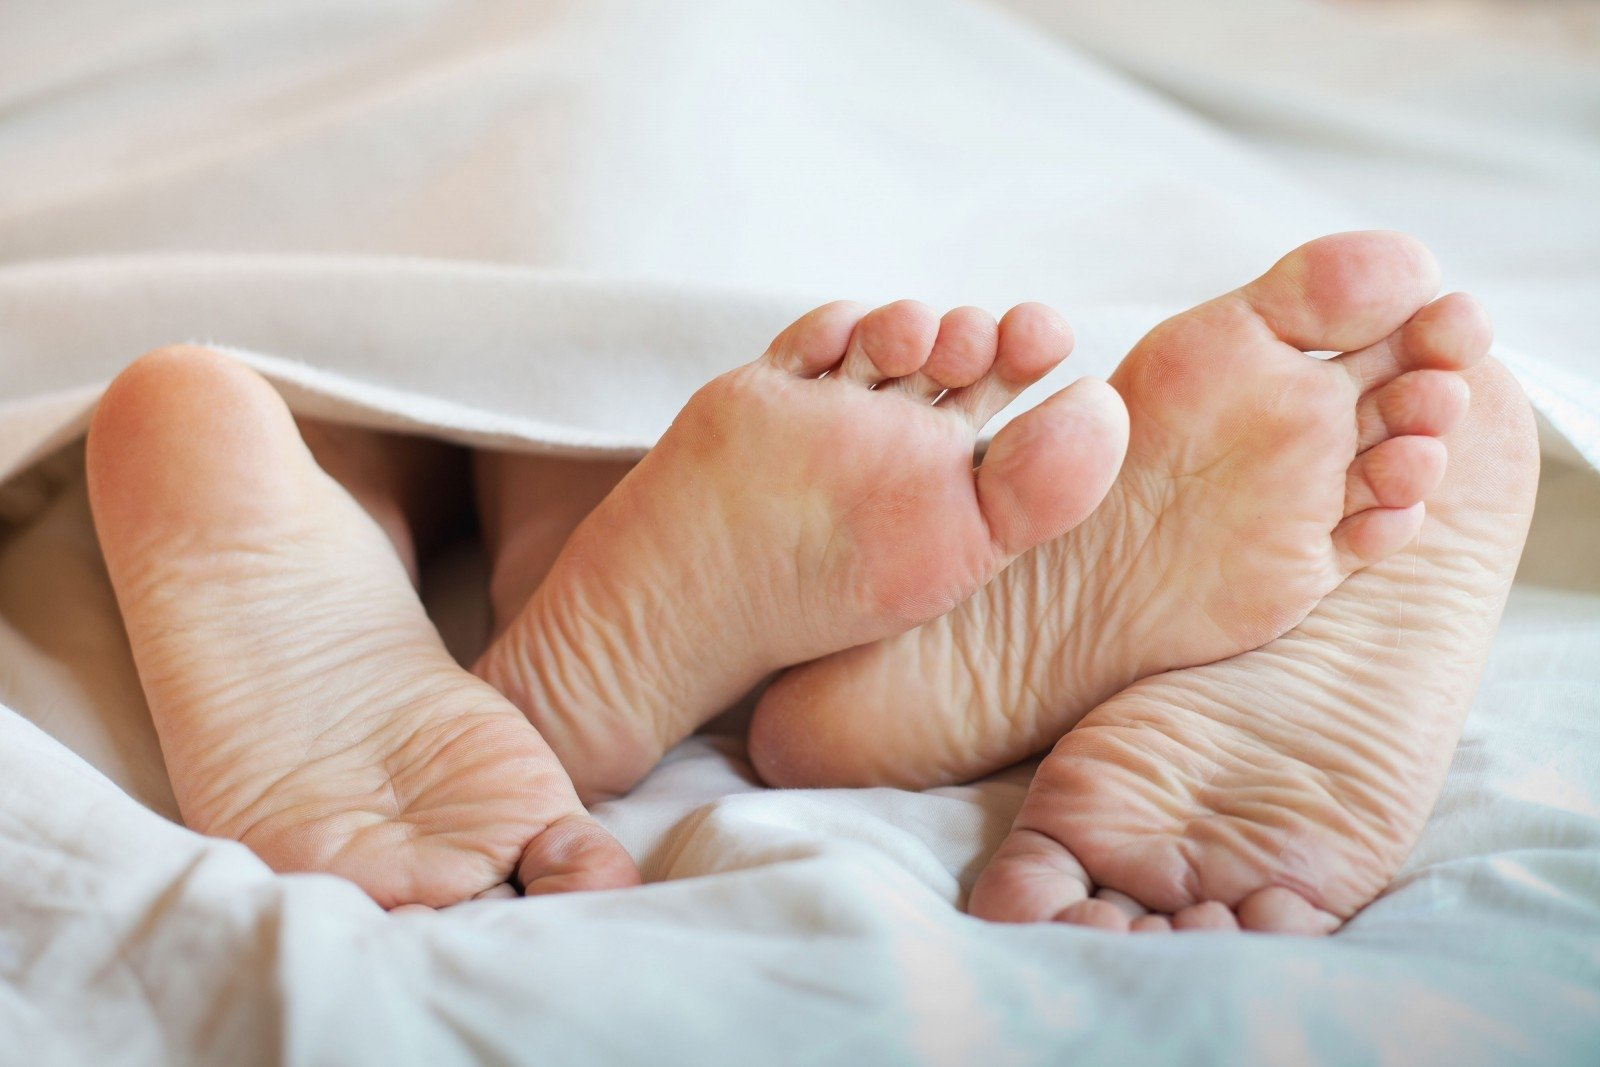 erekcija susilpnėja nuo lytinių santykių